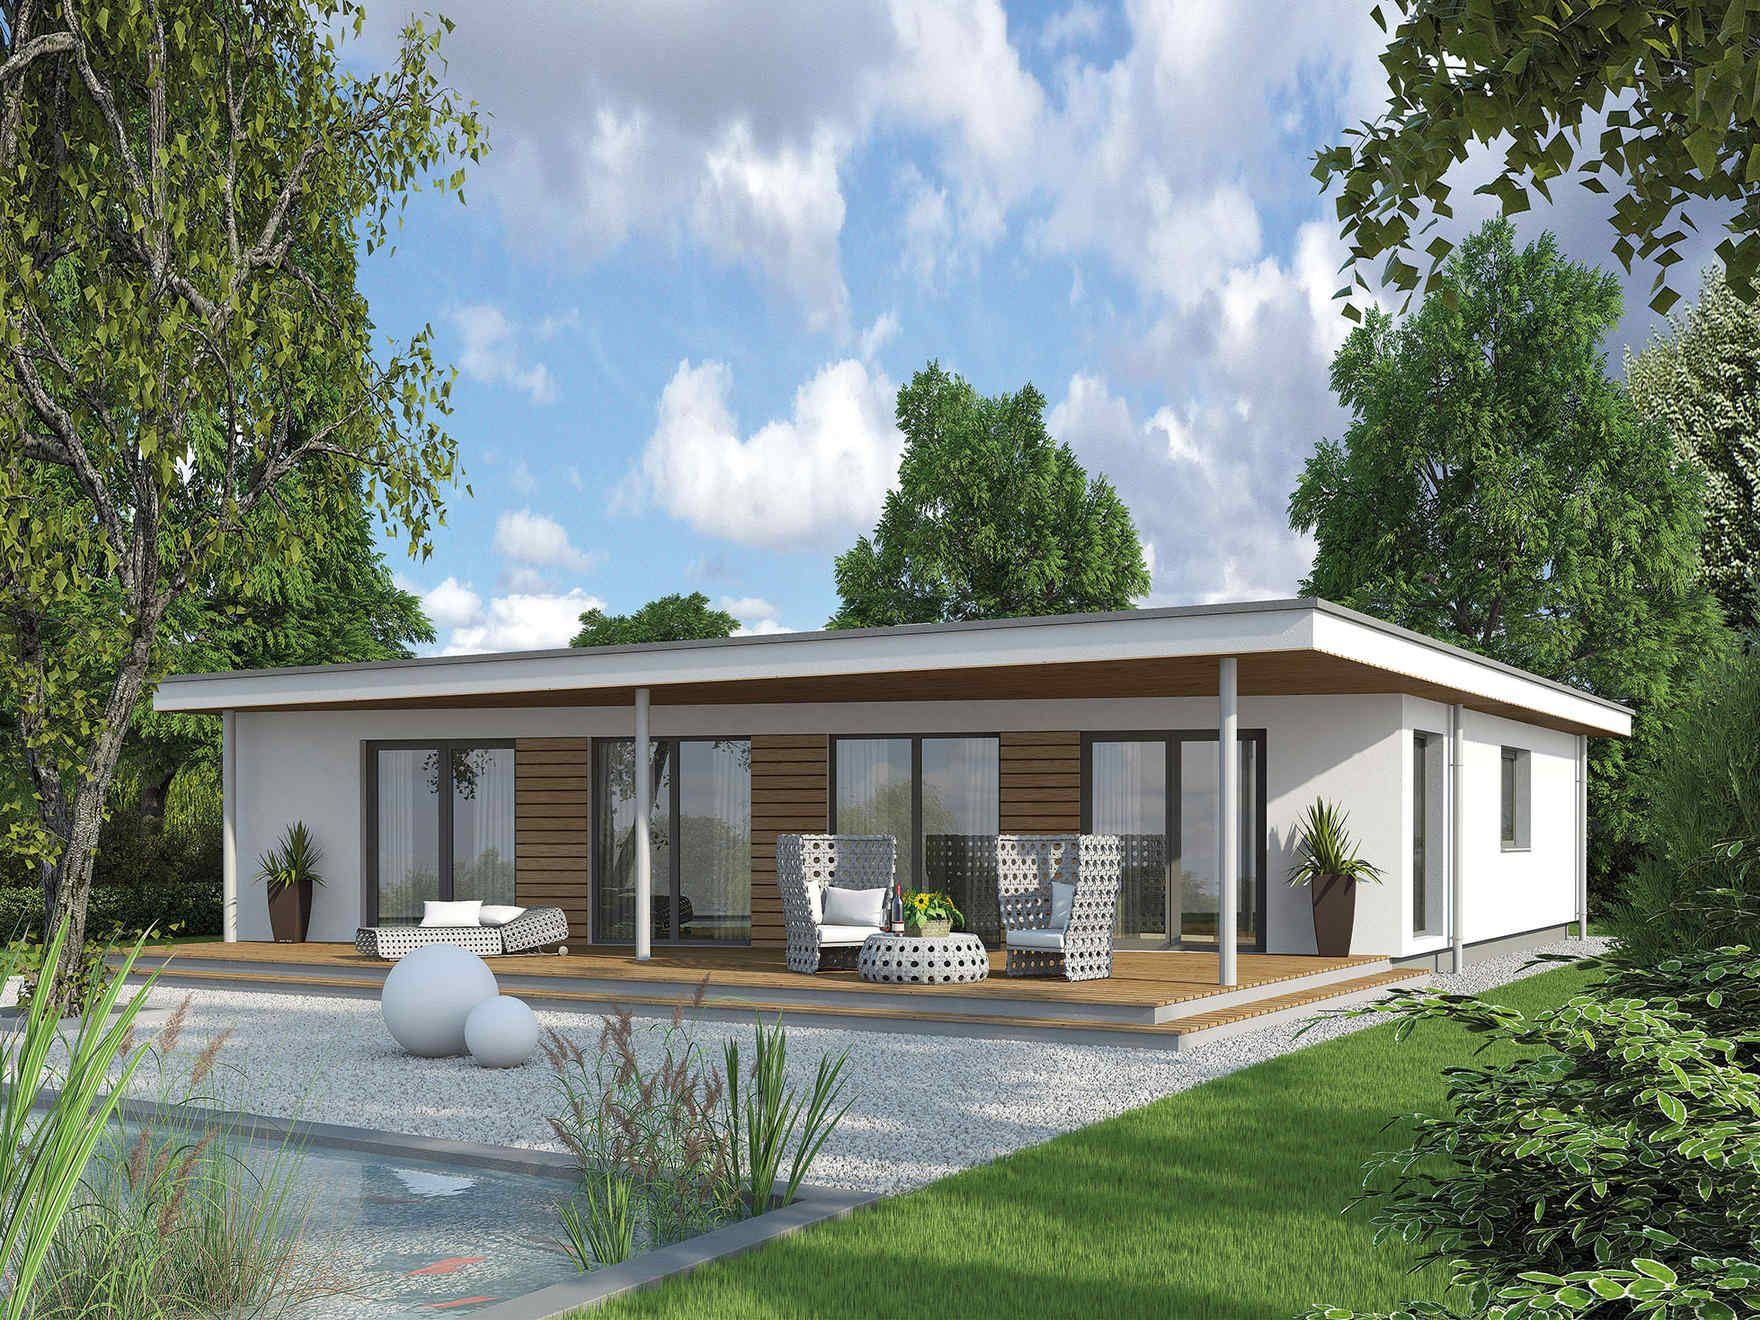 vario haus bungalow s117 gibtdemlebeneinzuhause einfamilienhaus fertighaus fertigteilhaus. Black Bedroom Furniture Sets. Home Design Ideas